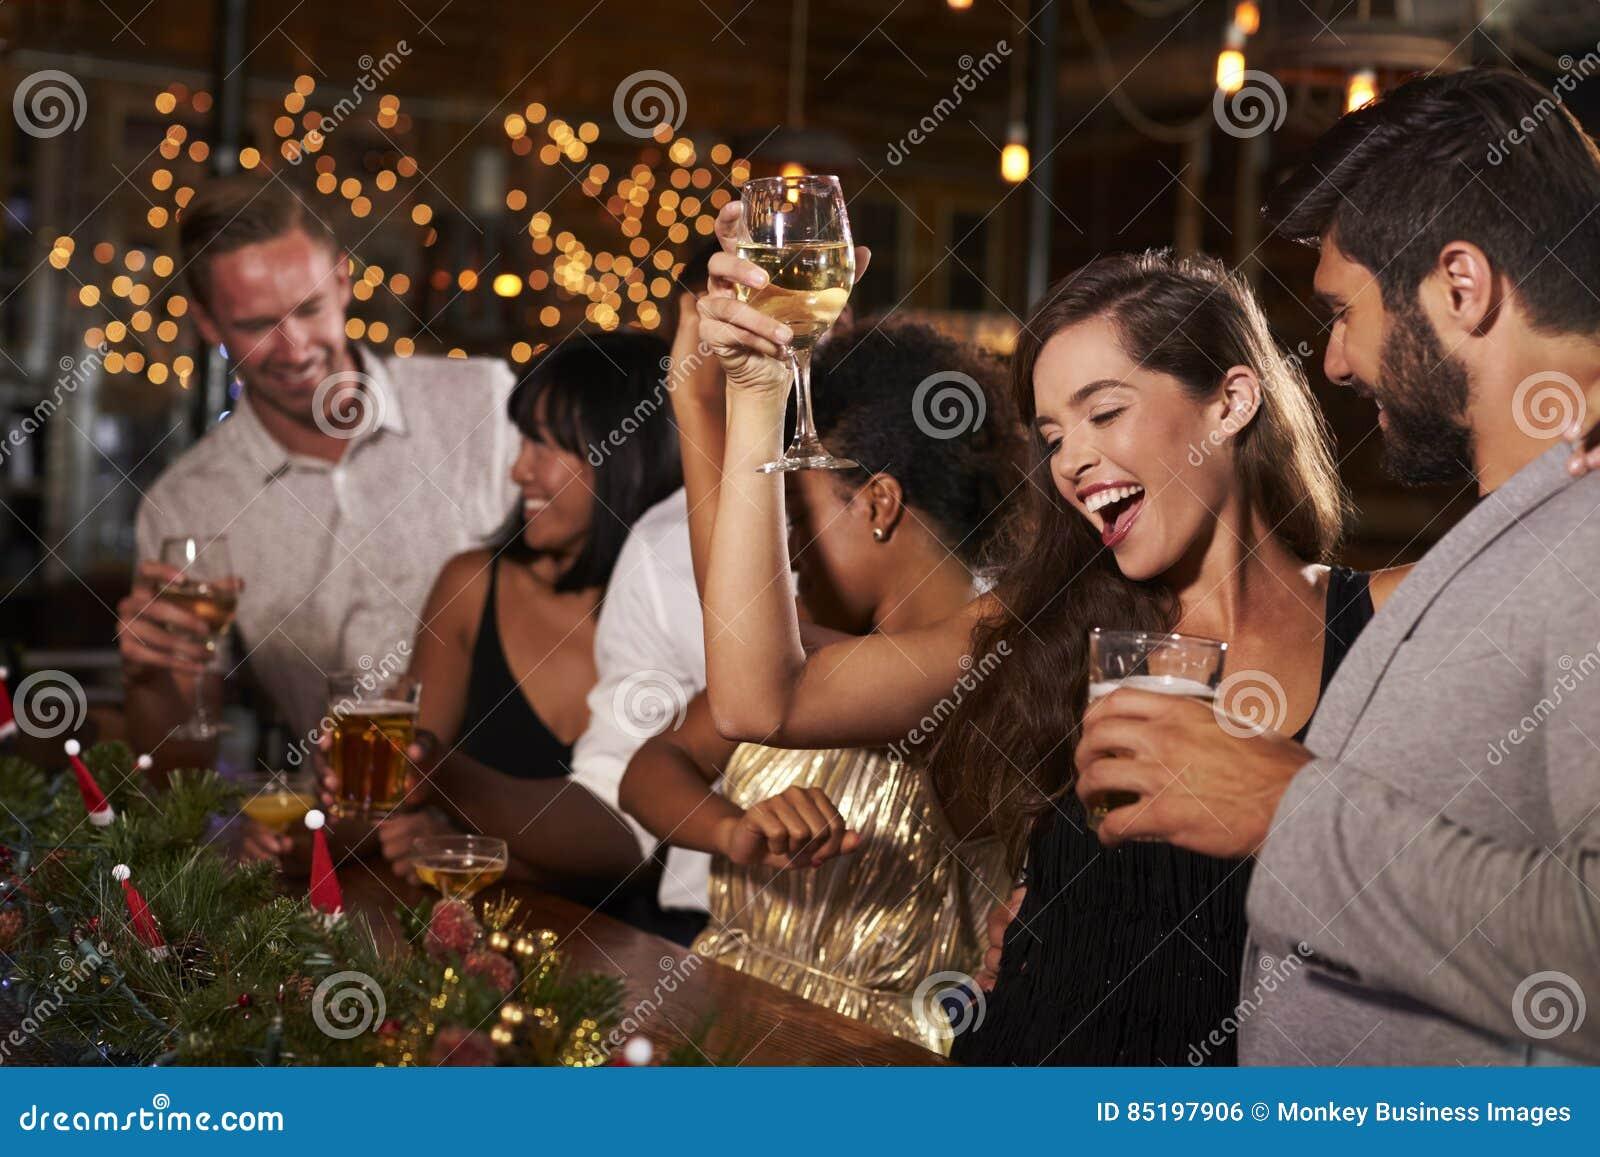 Femme soulevant un verre à une fête de Noël dans une barre